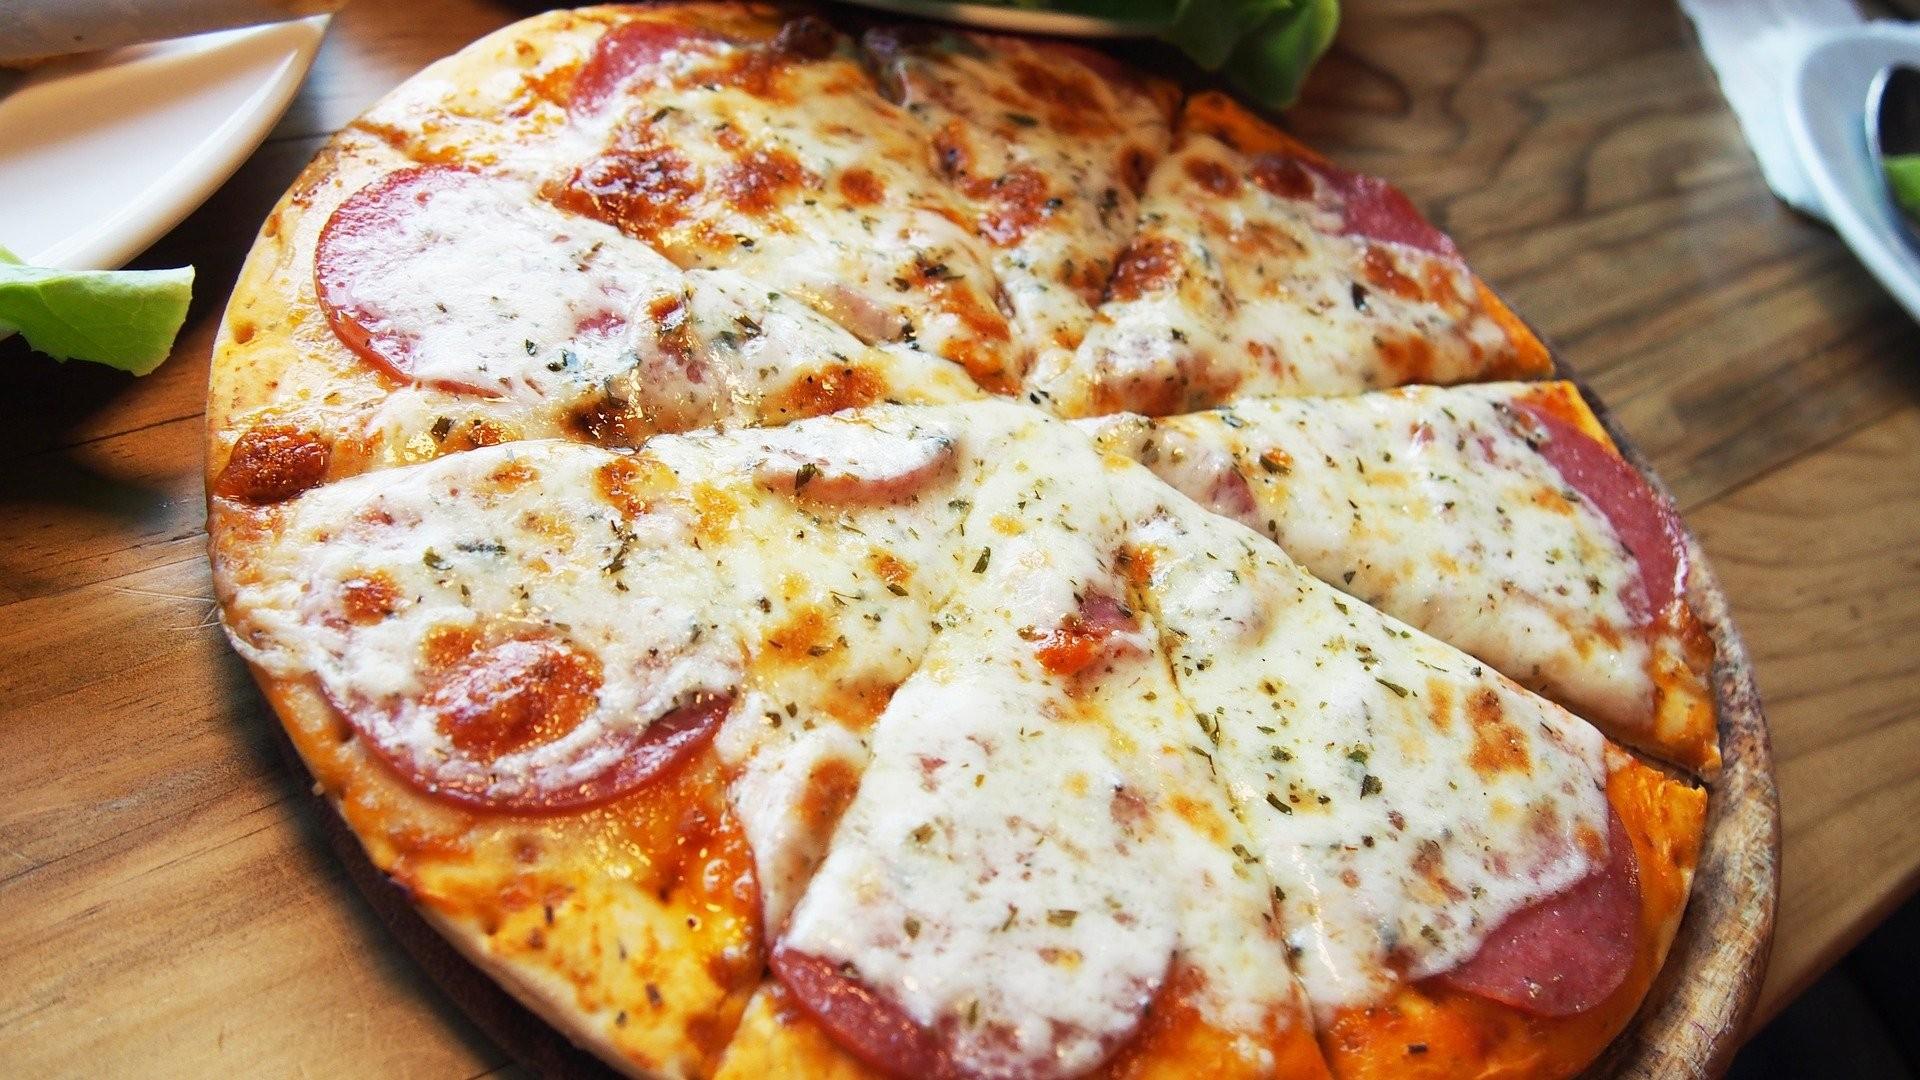 O Huop vai distribuir brinquedos e pizzas para as crianças internadas na instituição nesse Dia das Crianças